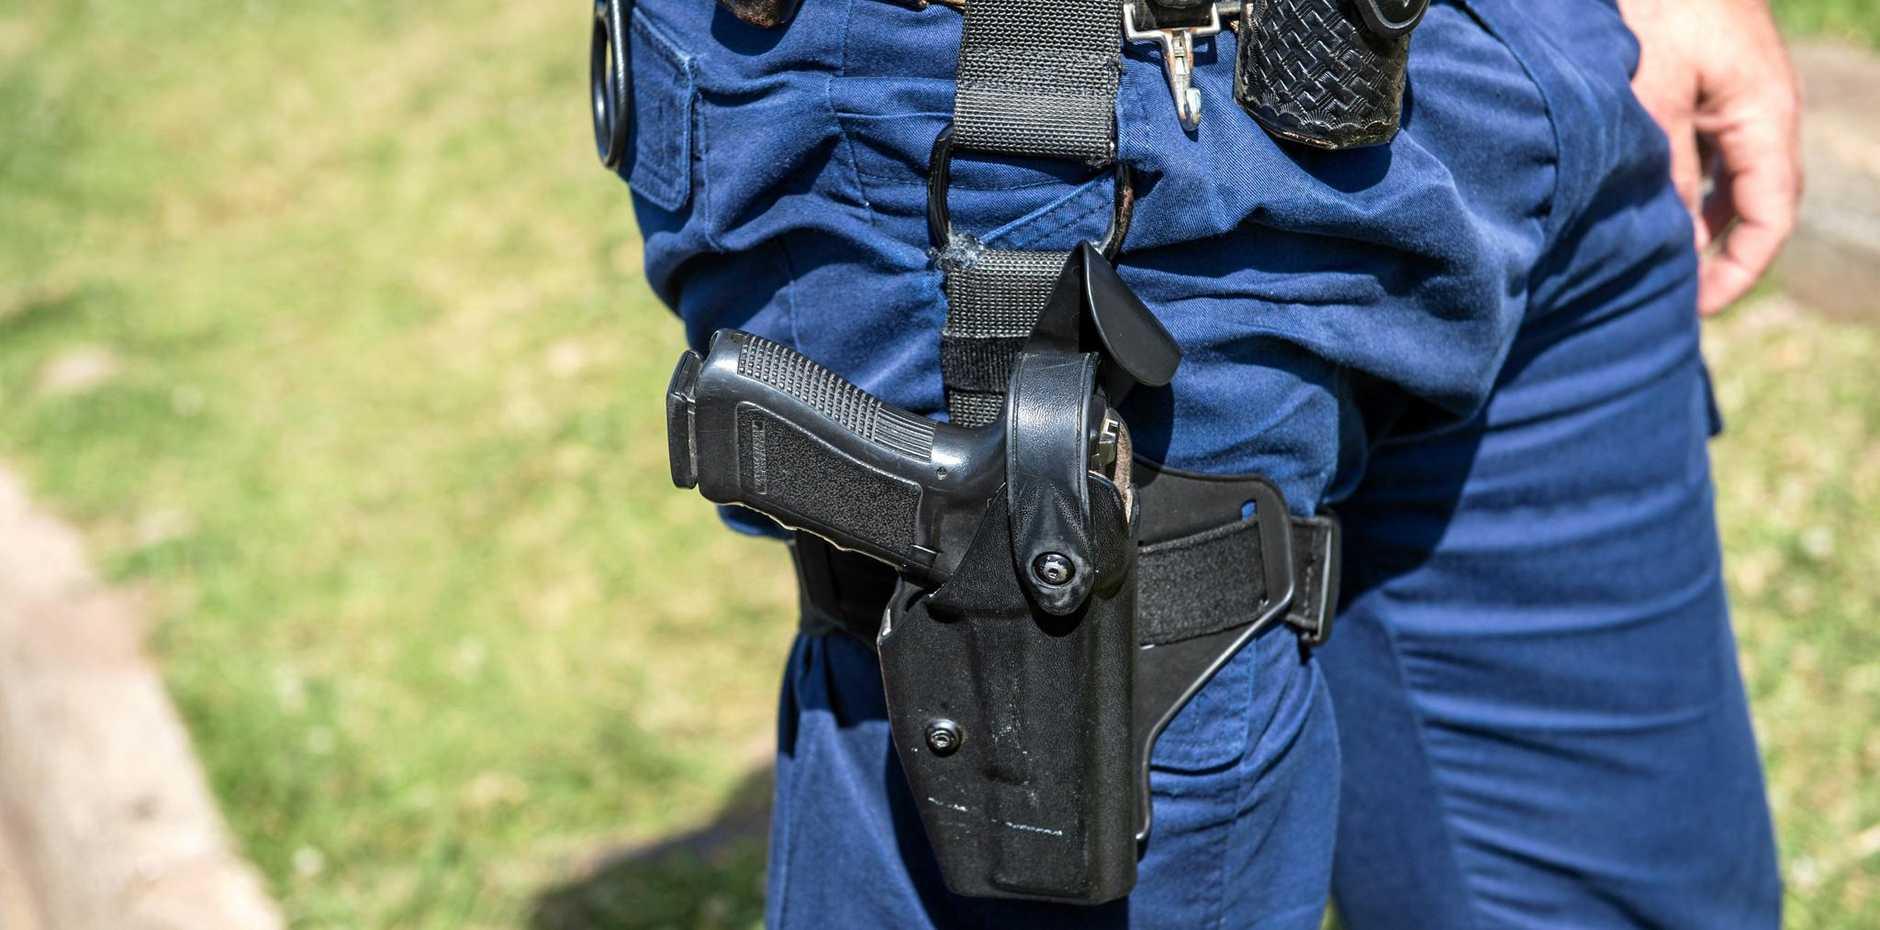 Man throws handgun in Sydney St shop after argument